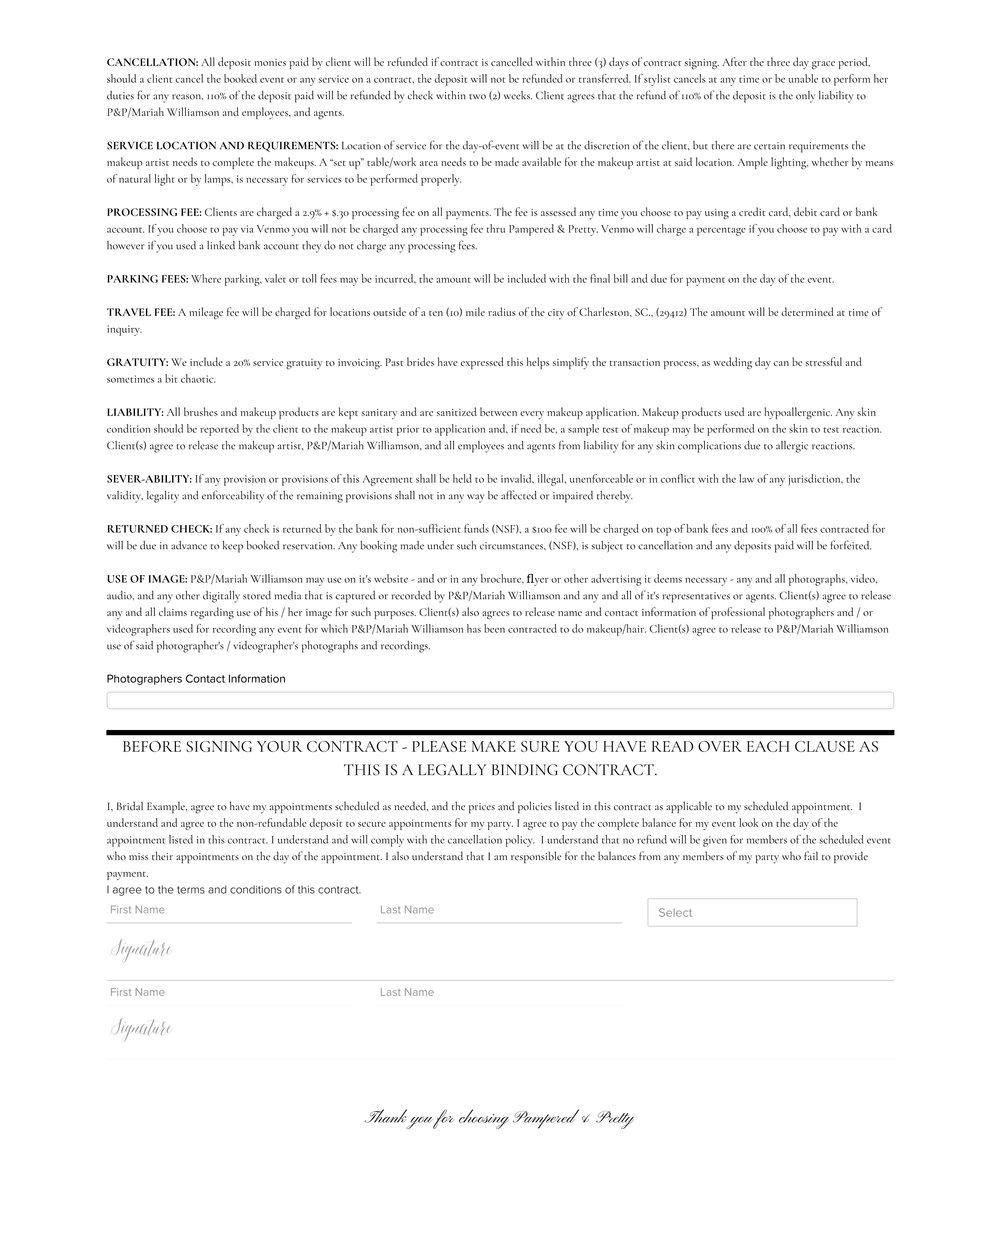 EXAMPLE CONTRACTPG3.jpg